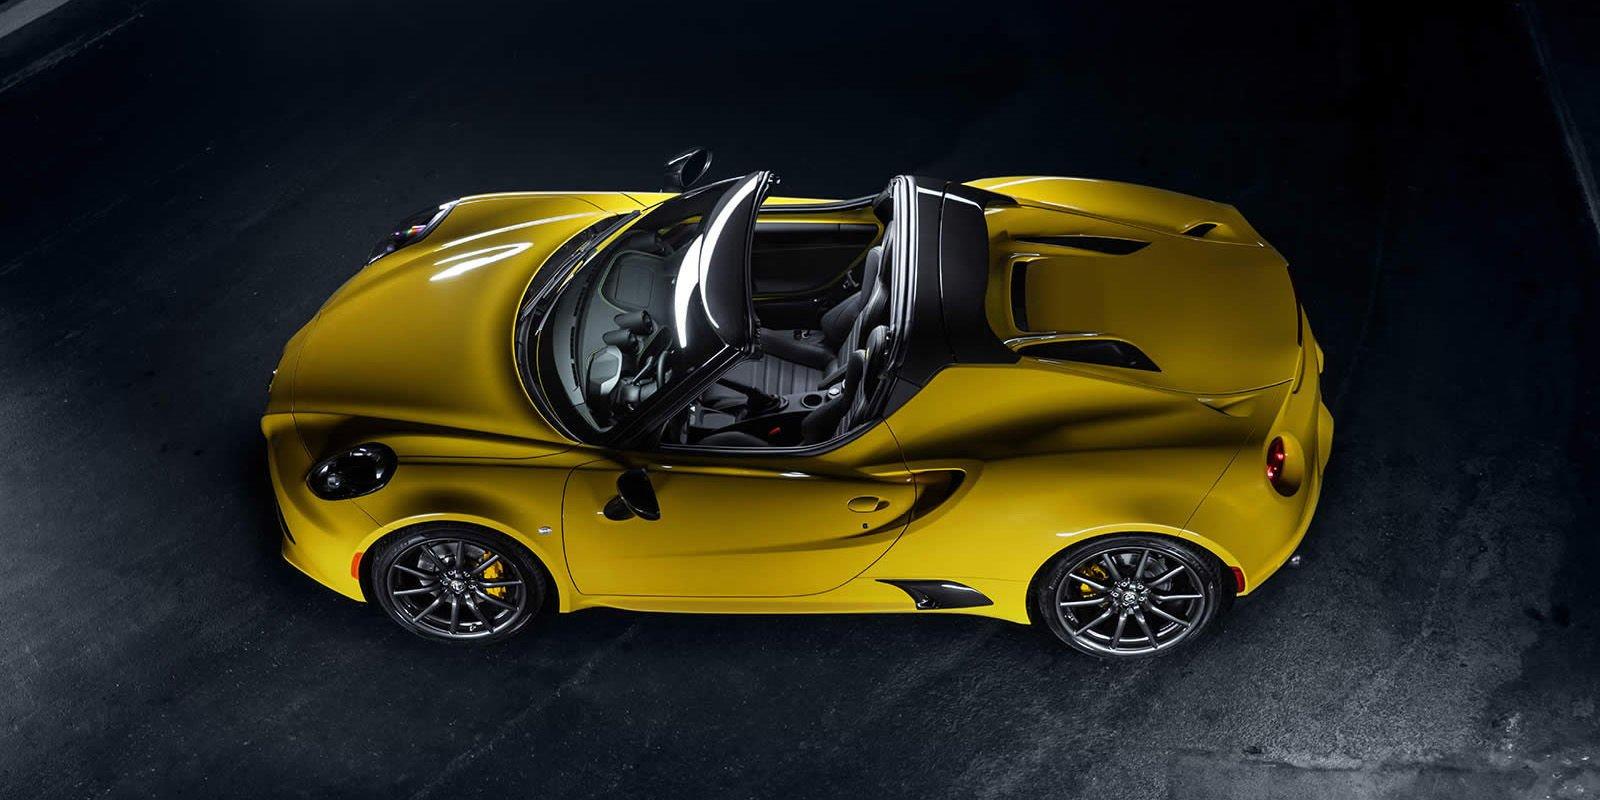 Alfa Romeo C Spider Lease Deals Finance Prices Danvers MA - Alfa romeo 4c leasing